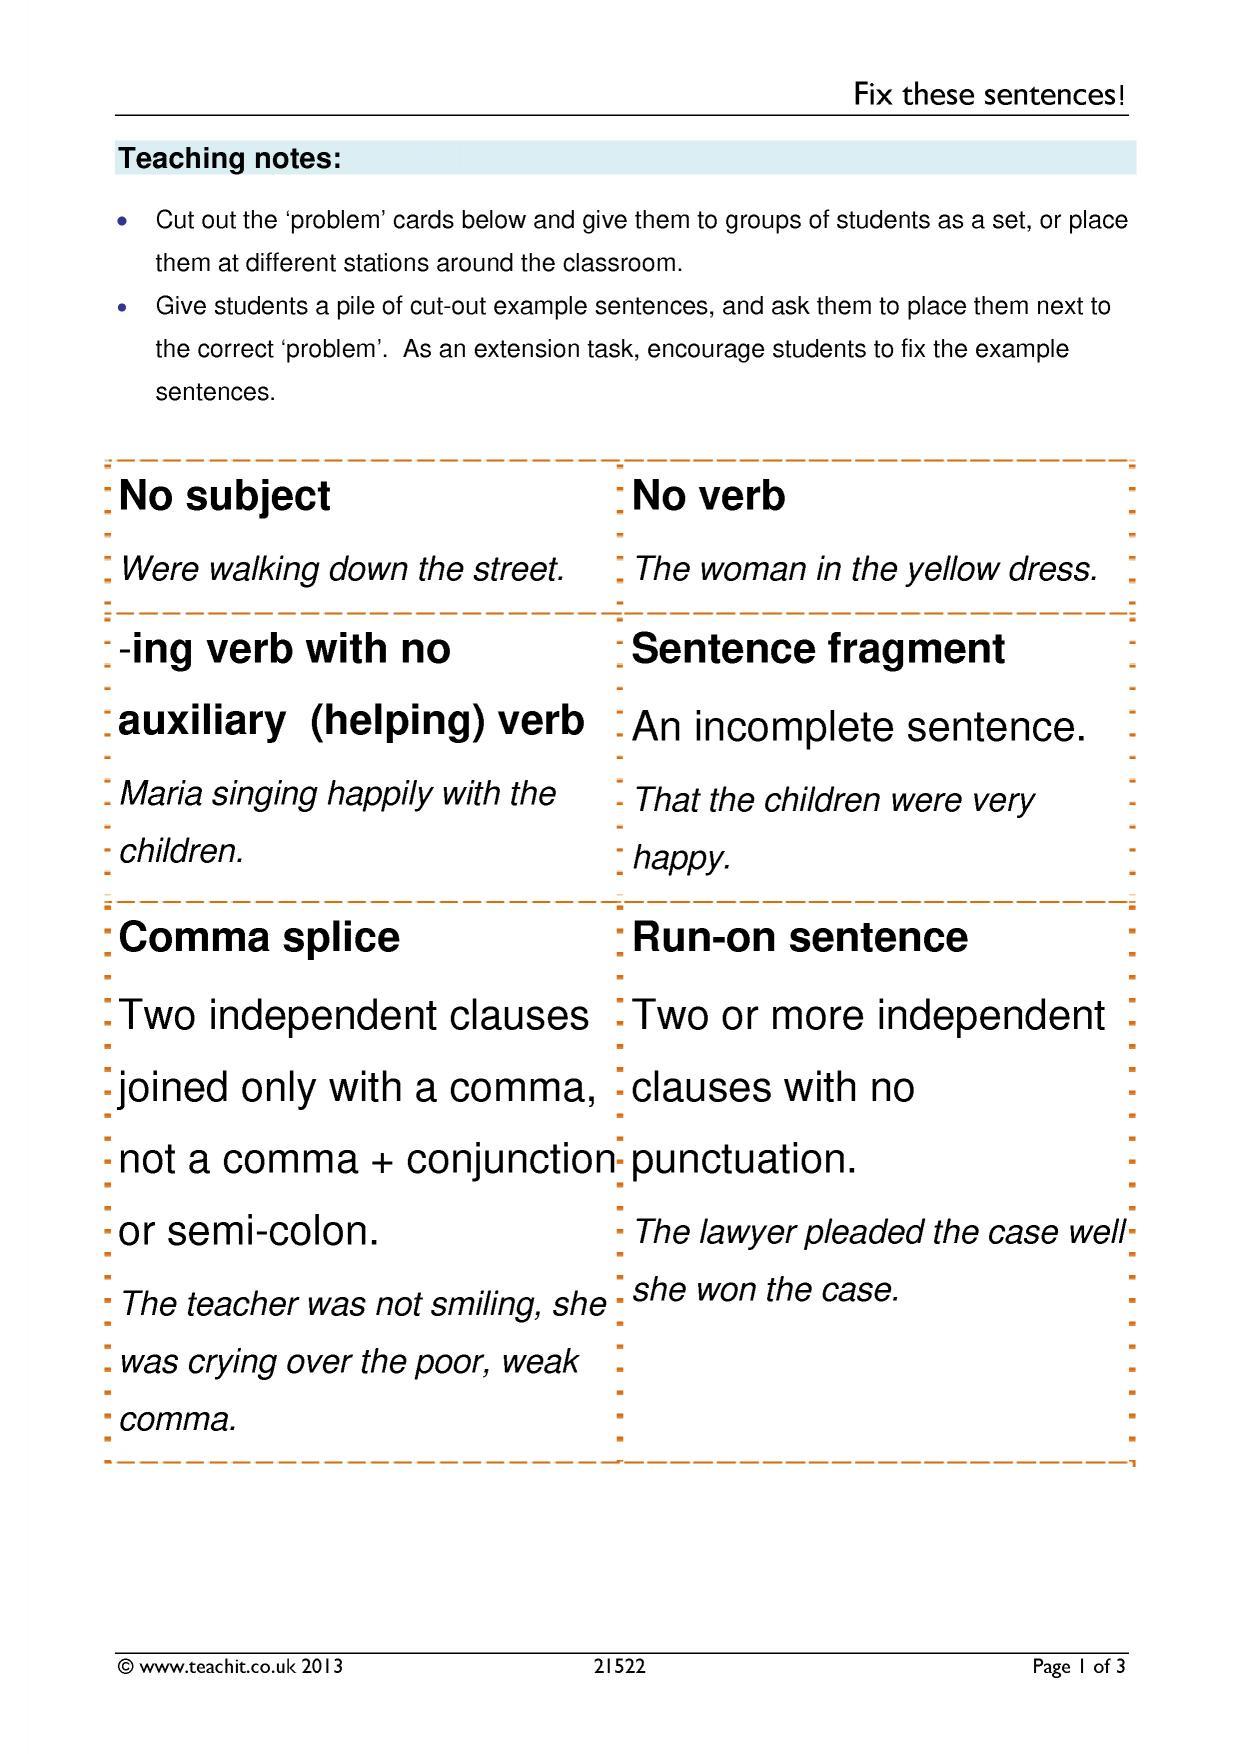 Fix These Sentences